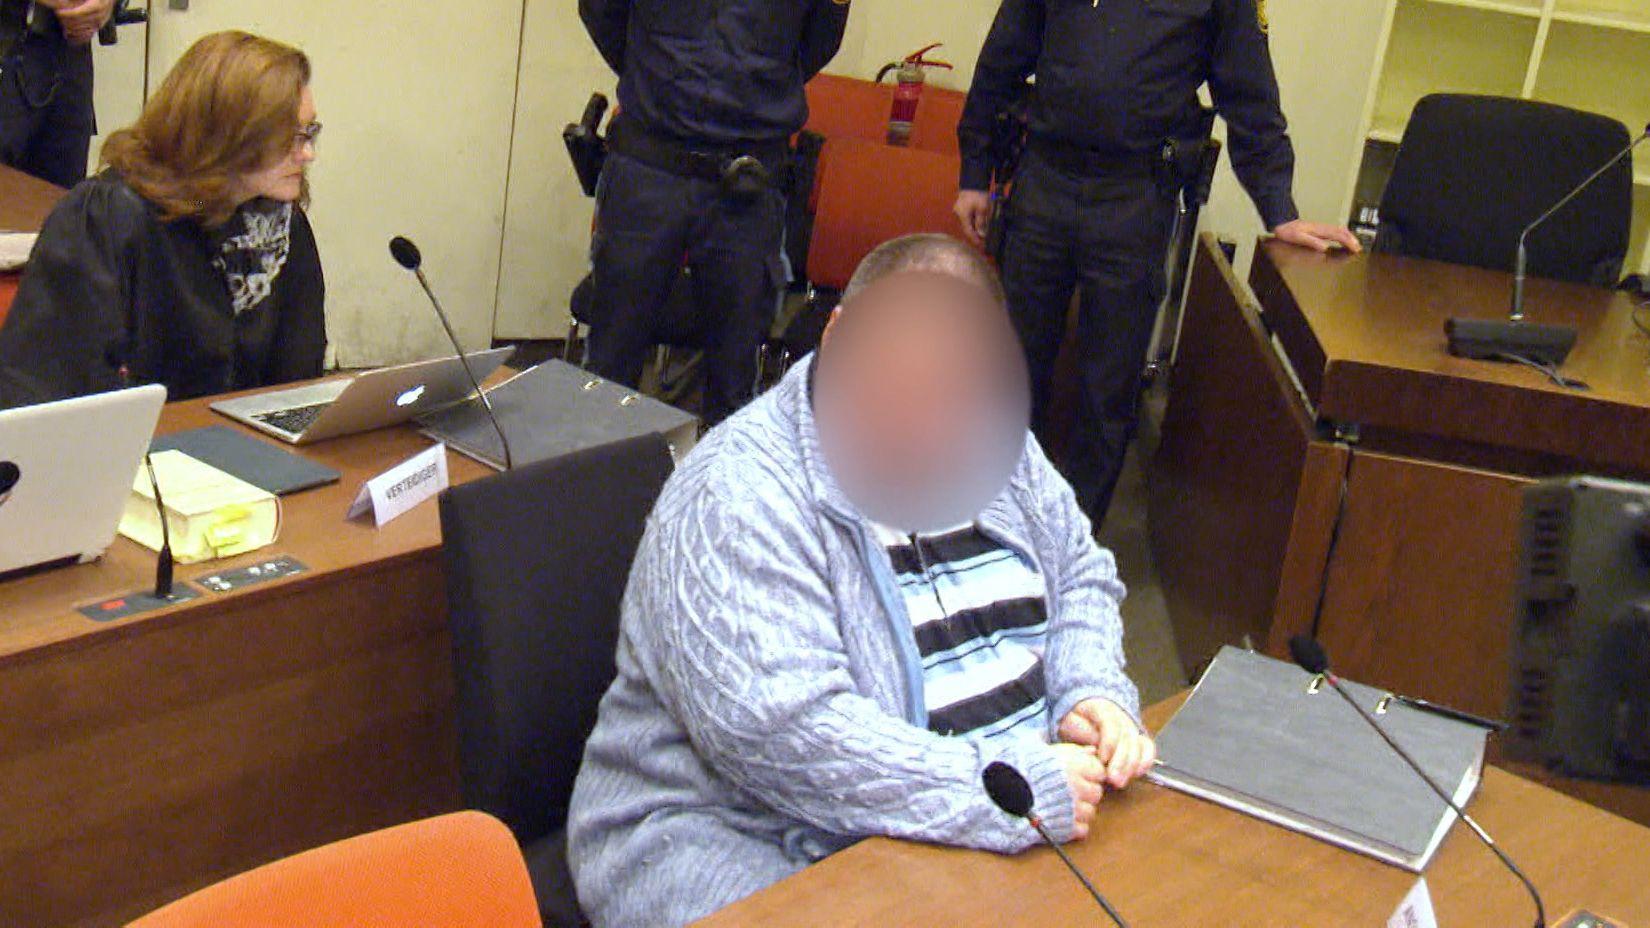 Ein Hilfspfleger soll sechs kranke Menschen in ihren Wohnungen ermordet haben. Seit heute steht der 38-Jährige in München vor Gericht.